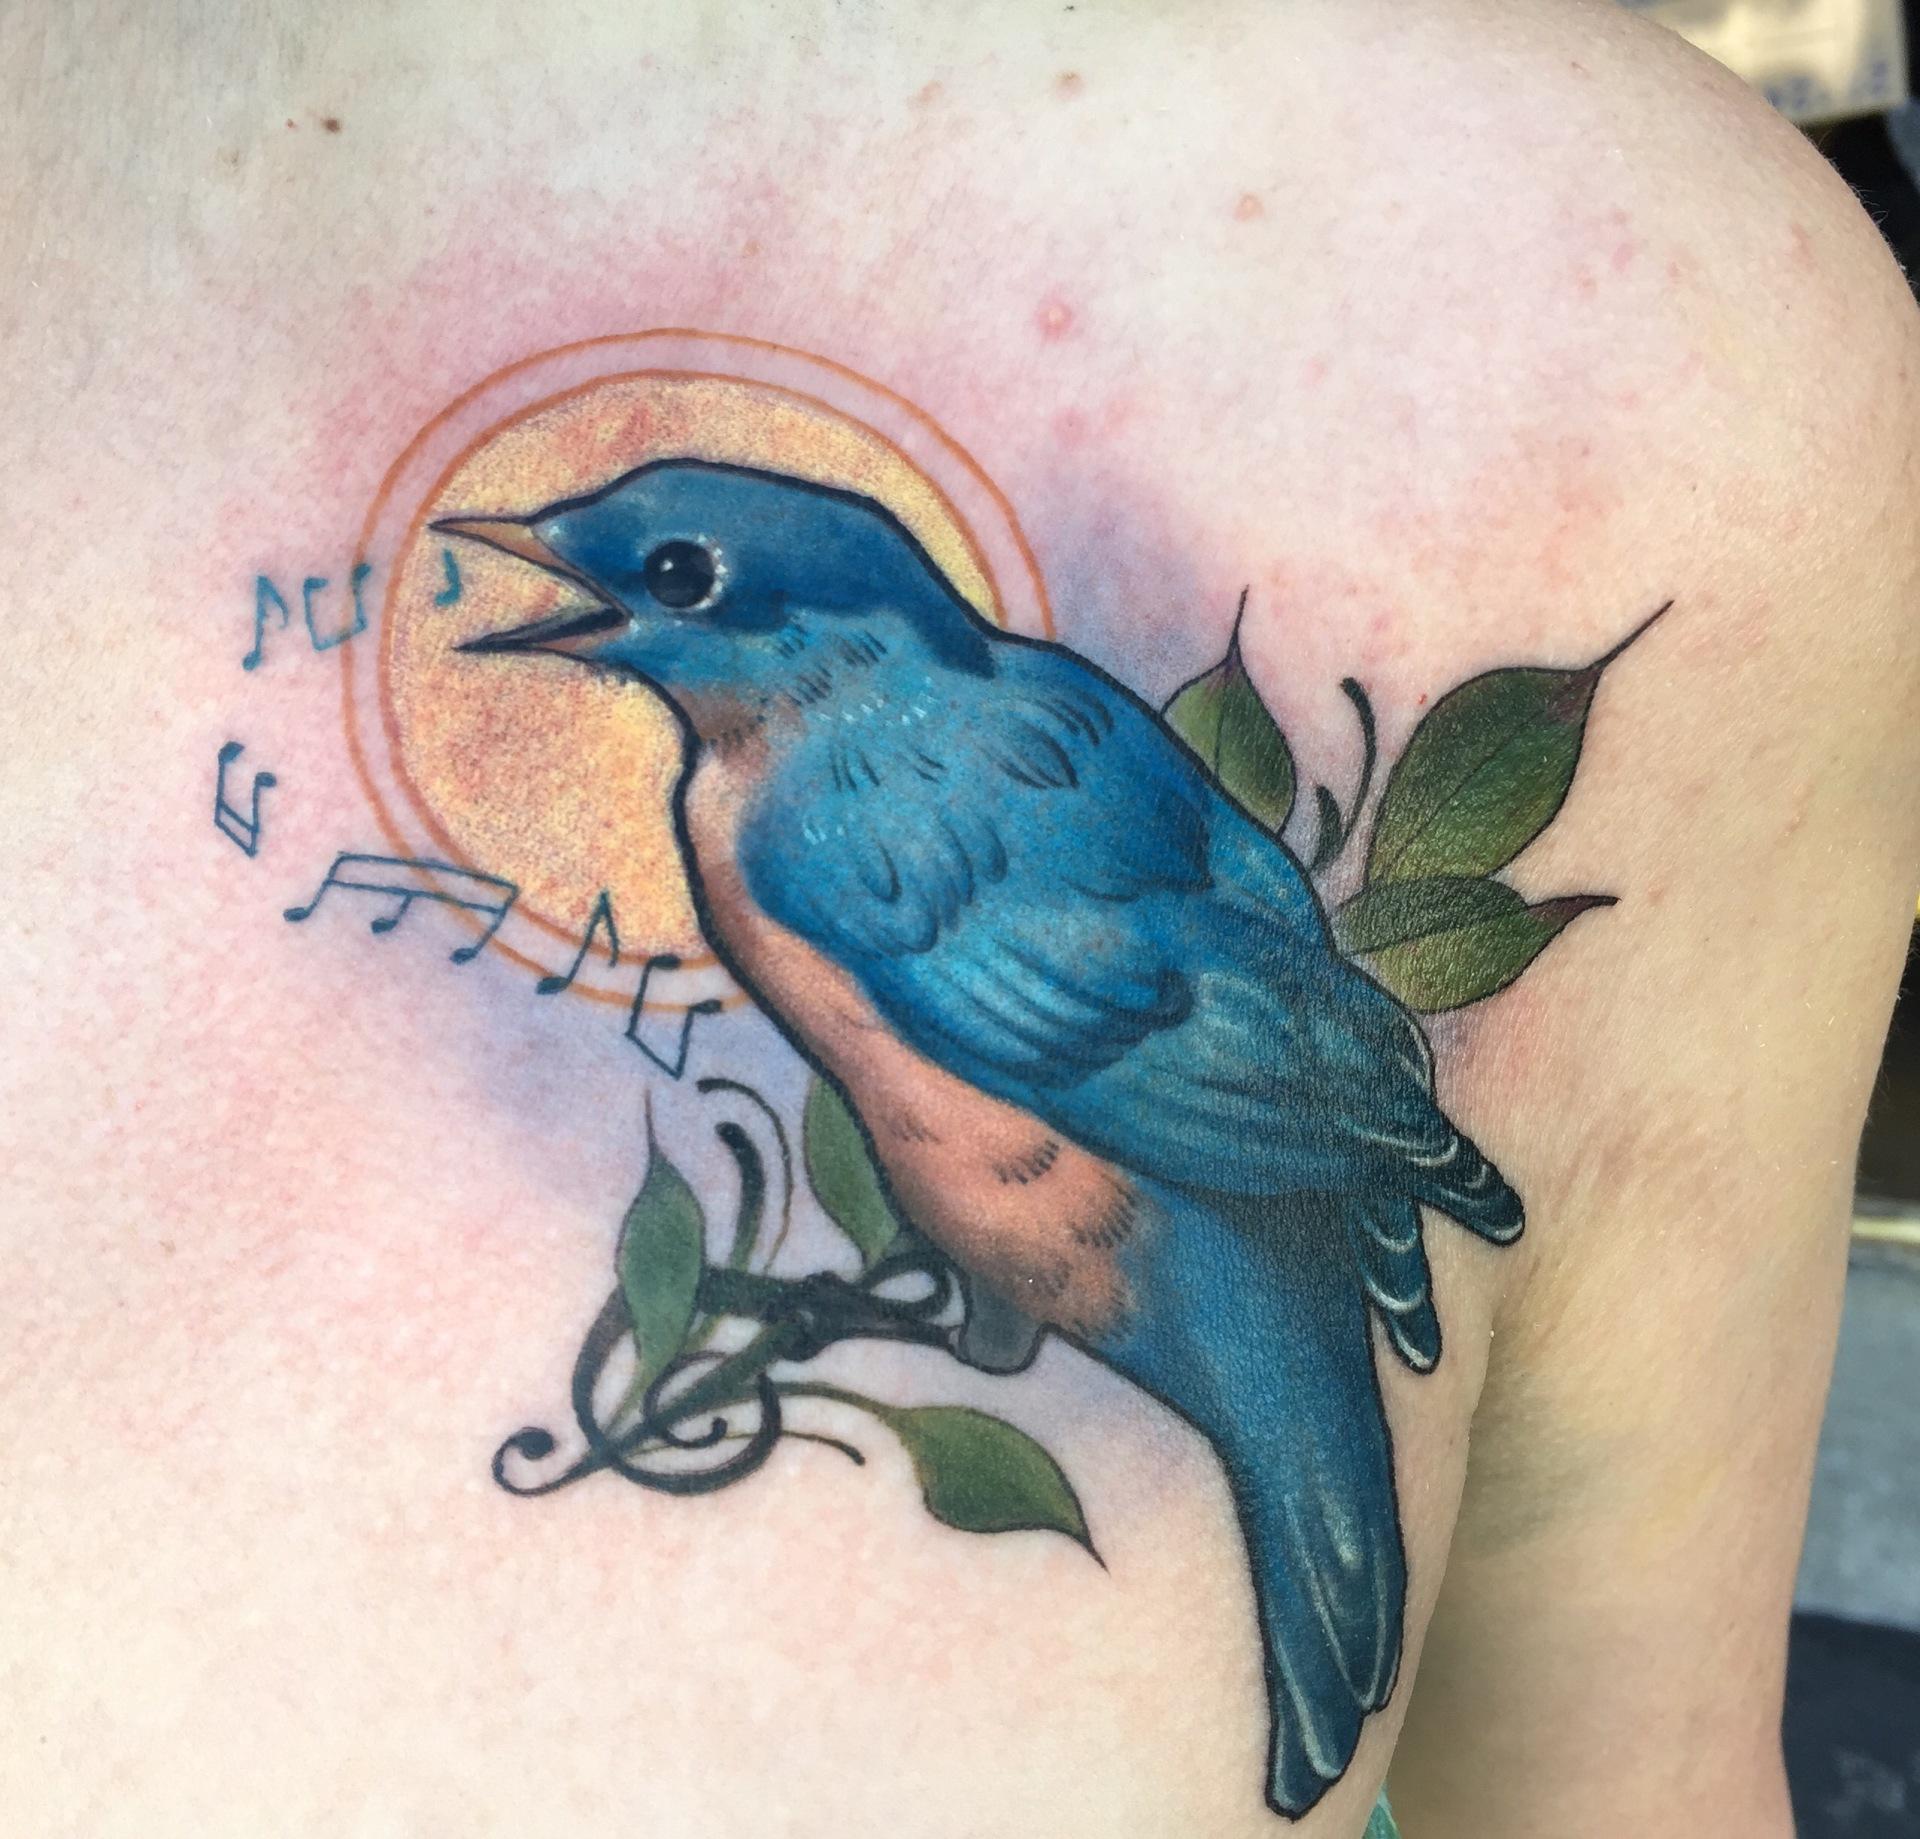 songbird, birdtattoo, put a bird on it, neotraditional tattoo, neotraditionalbirdtattoo